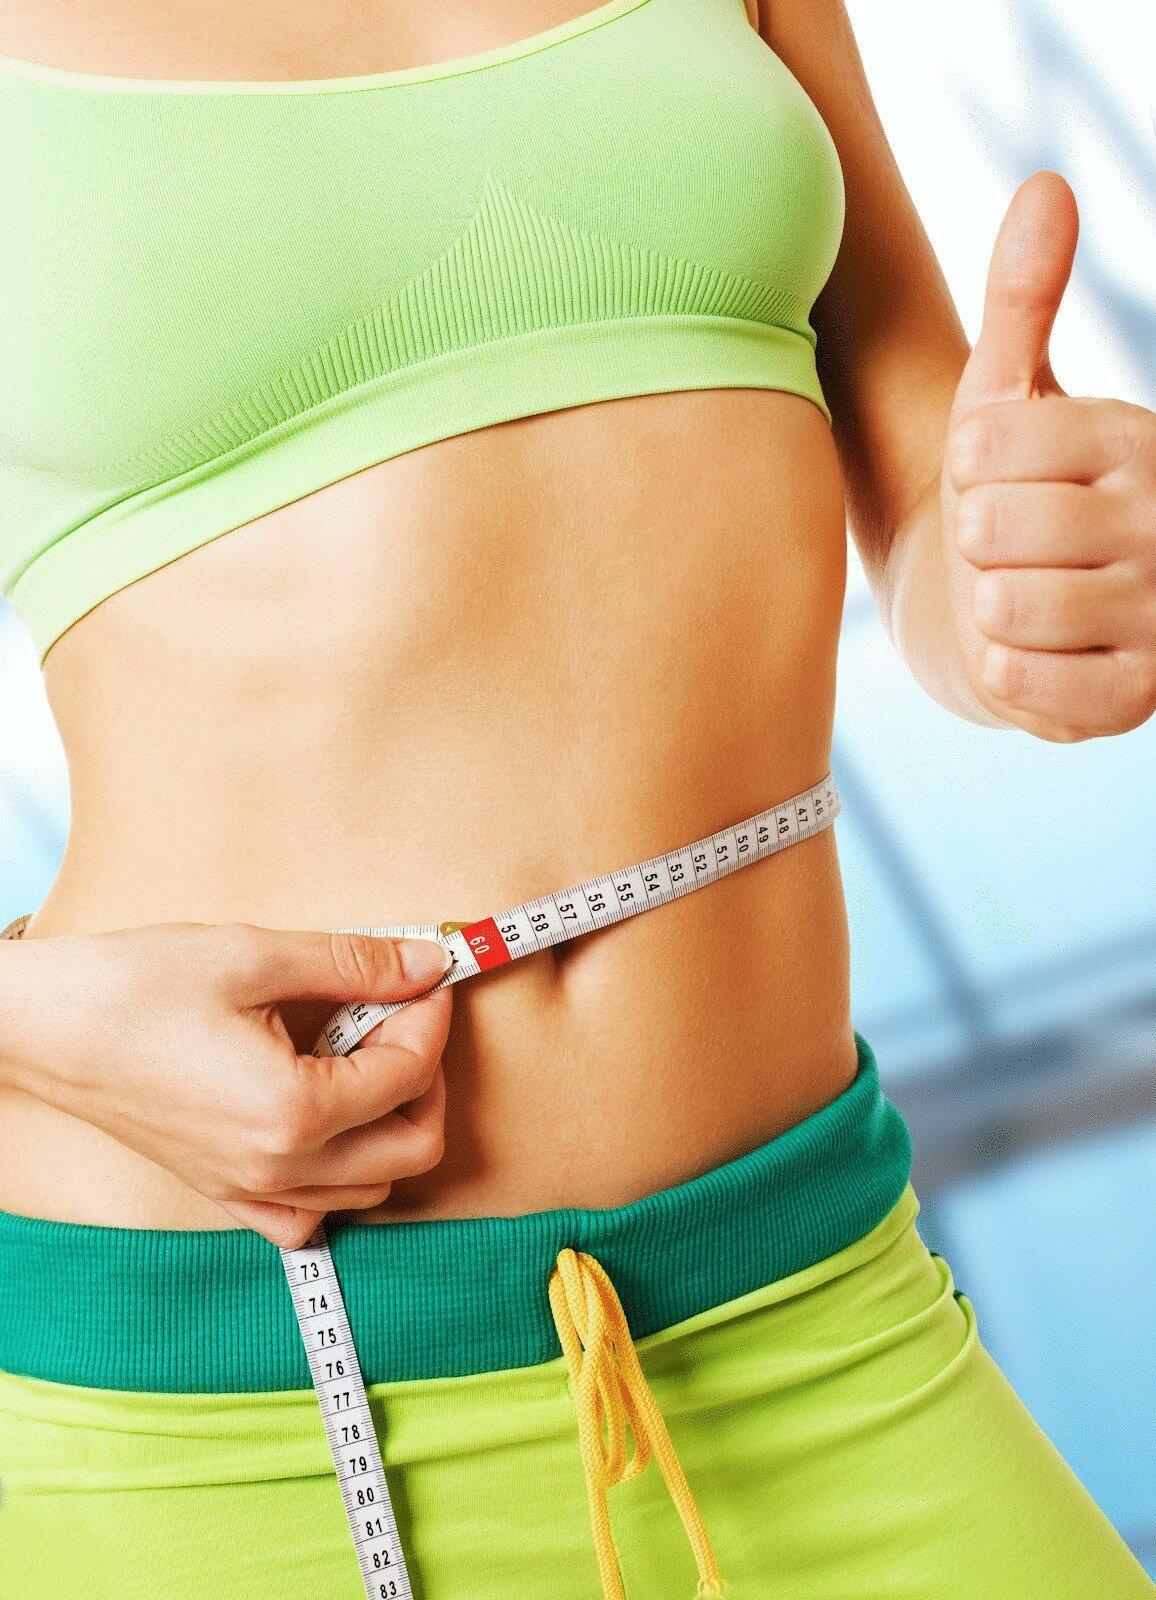 чем может быть вызвано похудение